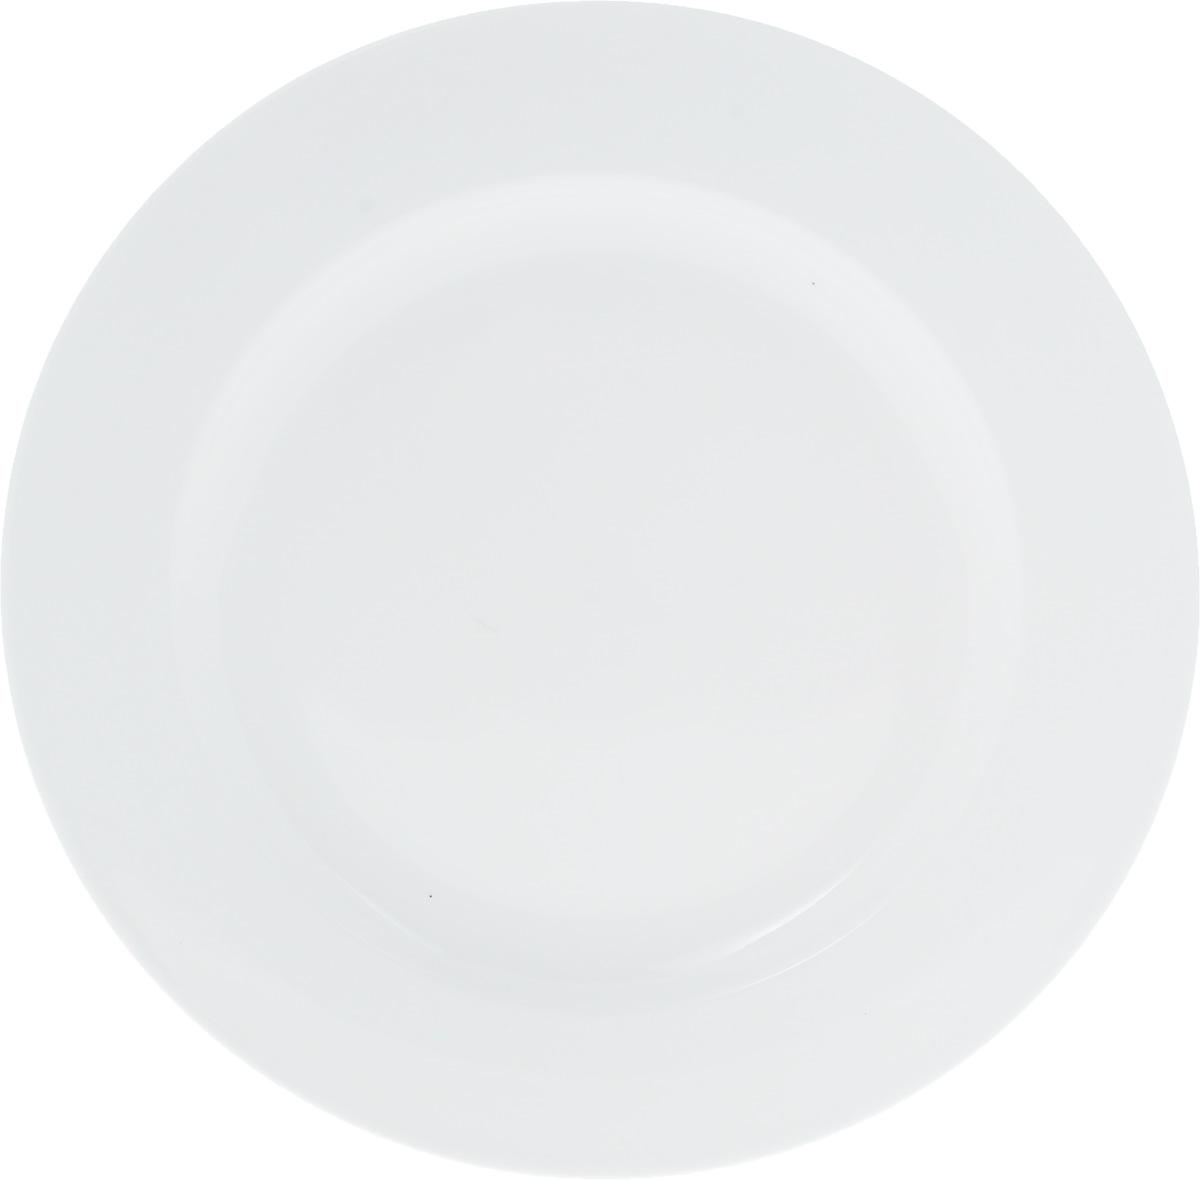 Блюдо Wilmax, диаметр 30,5 смWL-991182 / AОригинальное круглое блюдо Wilmax, изготовленное из фарфора с глазурованным покрытием, прекрасноподойдет для подачи нарезок, закусок и других блюд. Фарфор от Wilmax изготовлен по уникальному рецепту из сплава магния и алюминия, благодаря чему посуда обладает характерной белизной, прочностью и устойчивостью к сколами. Особый состав глазури обеспечивает гладкость и блеск поверхности изделия.Оно украсит ваш кухонный стол, а также станет замечательным подарком к любому празднику.Можно мыть в посудомоечной машине и использовать в микроволновой печи. Изделие пригодно для использования в духовых печах и выдерживает температуру до 300°С.